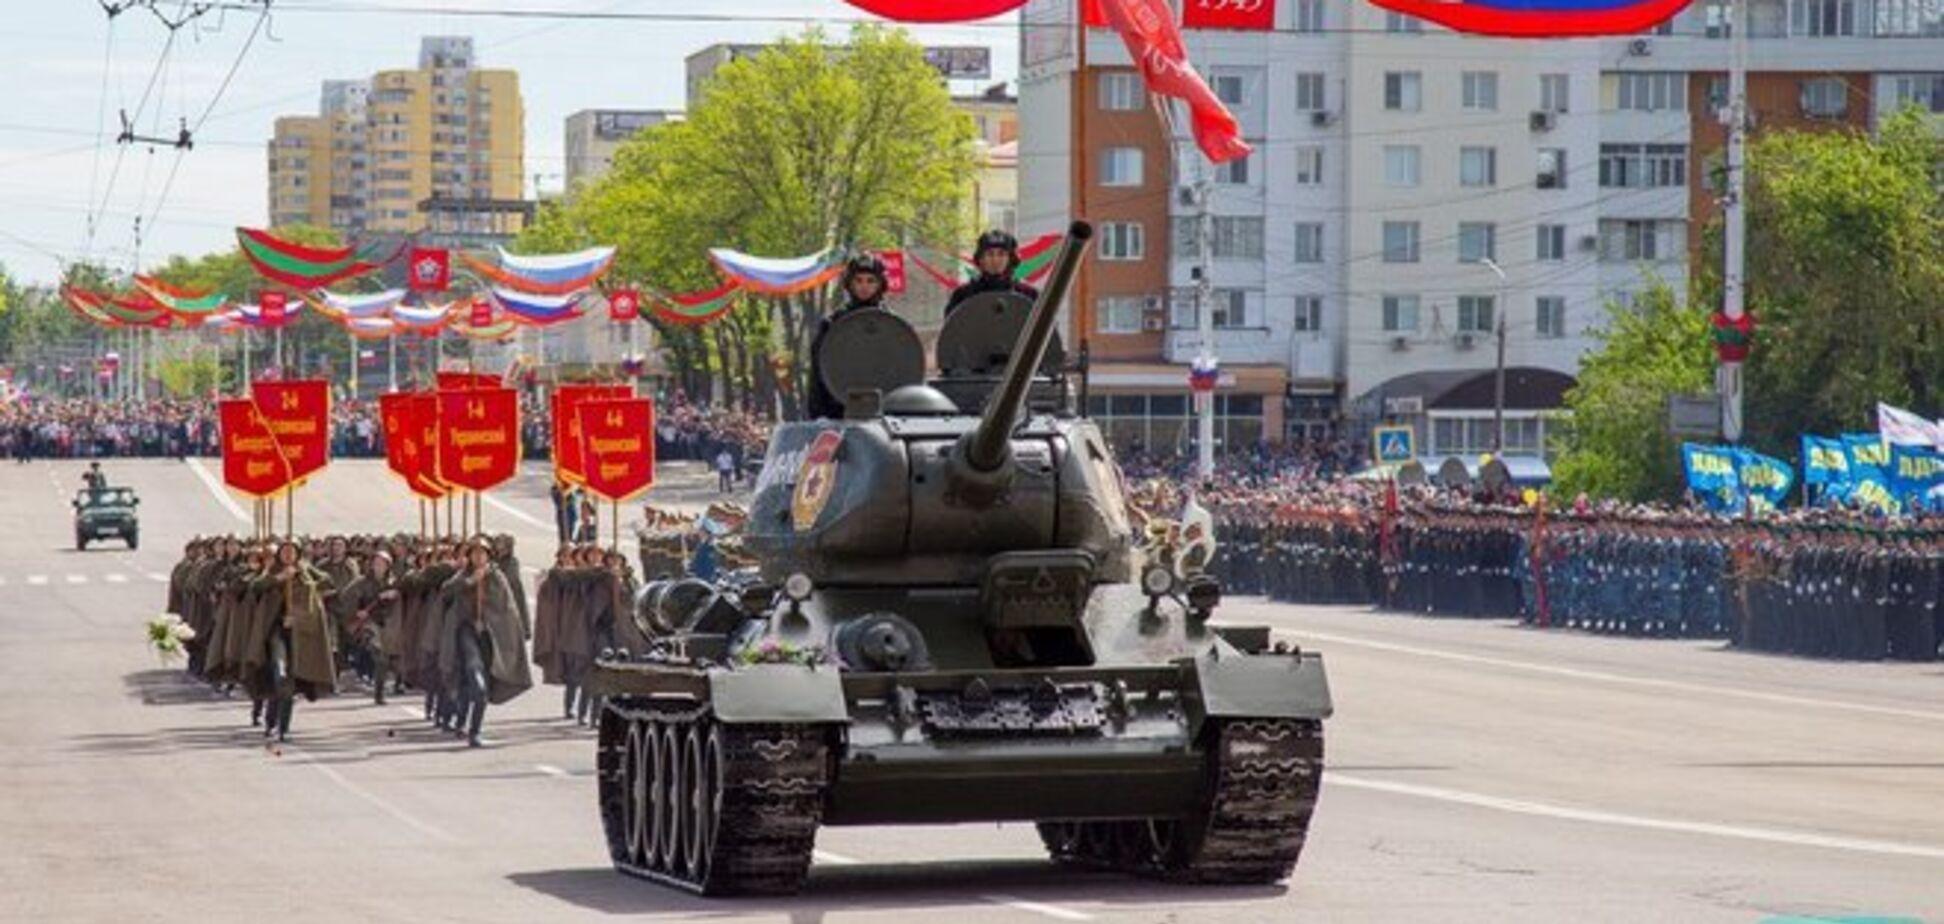 Петля ОРДЛО: то, что пытаются навязать Украине, хуже, чем 'Приднестровье'